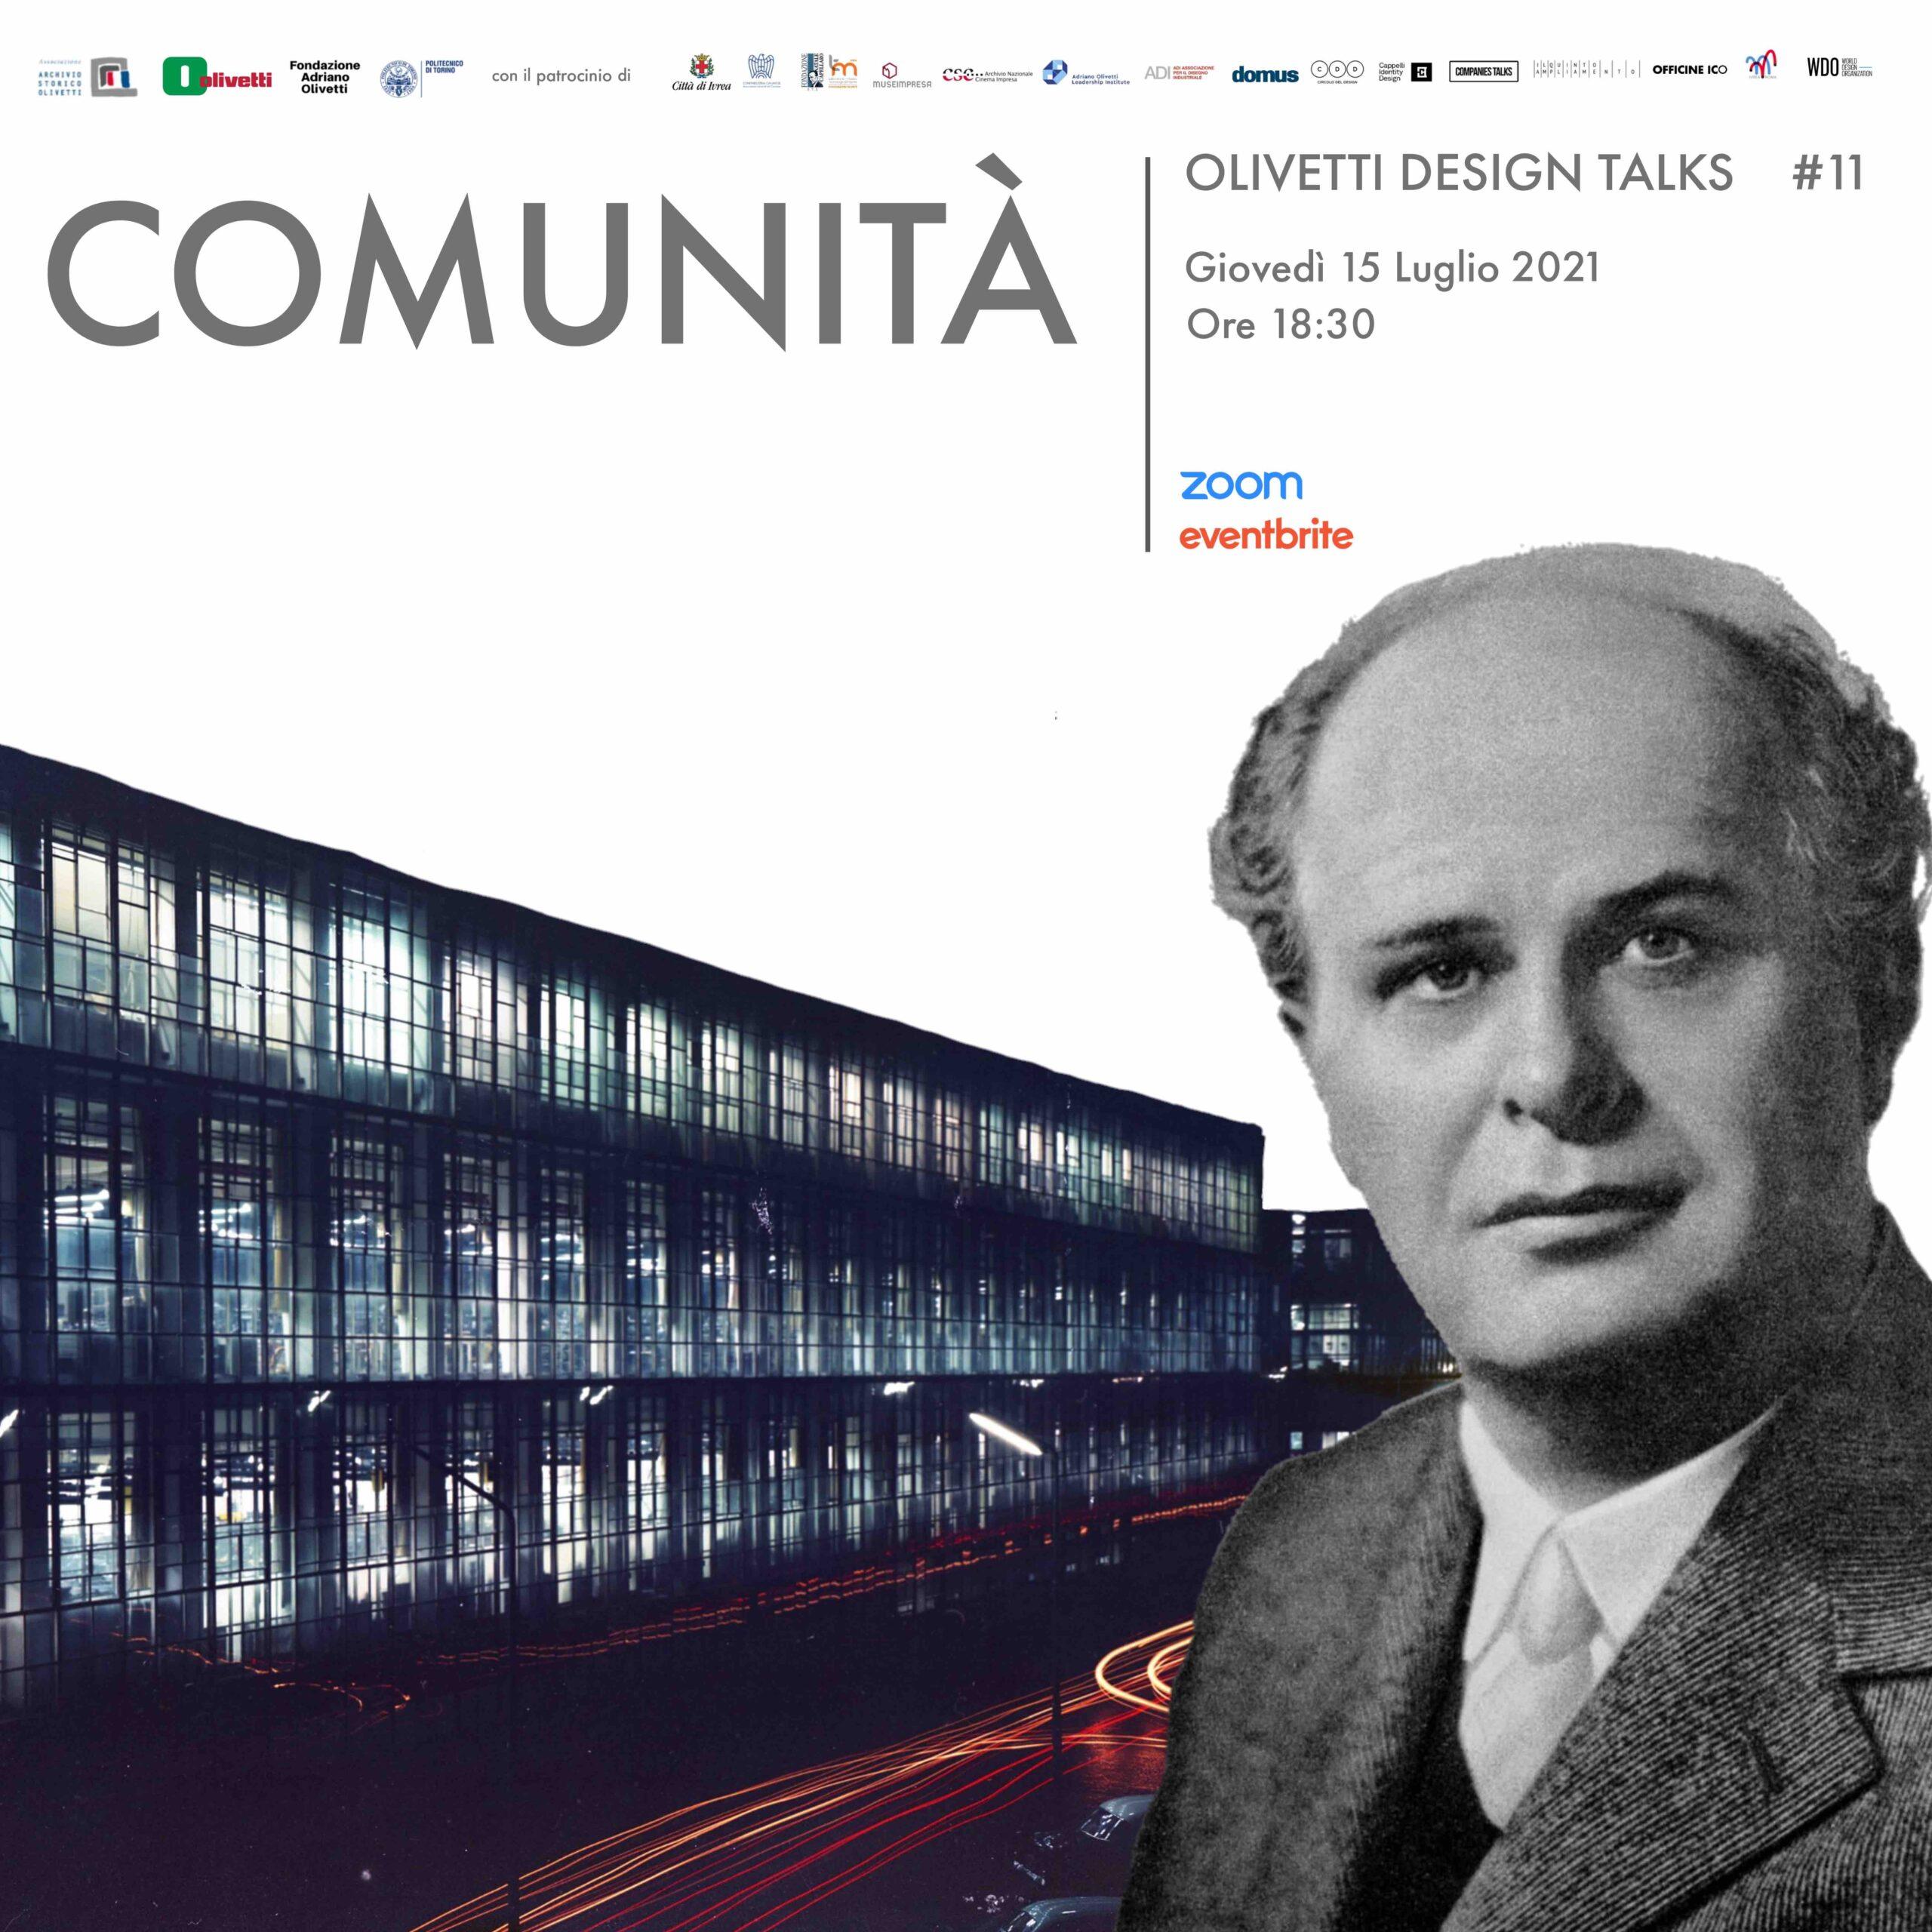 Olivetti Design Talks. Comunità